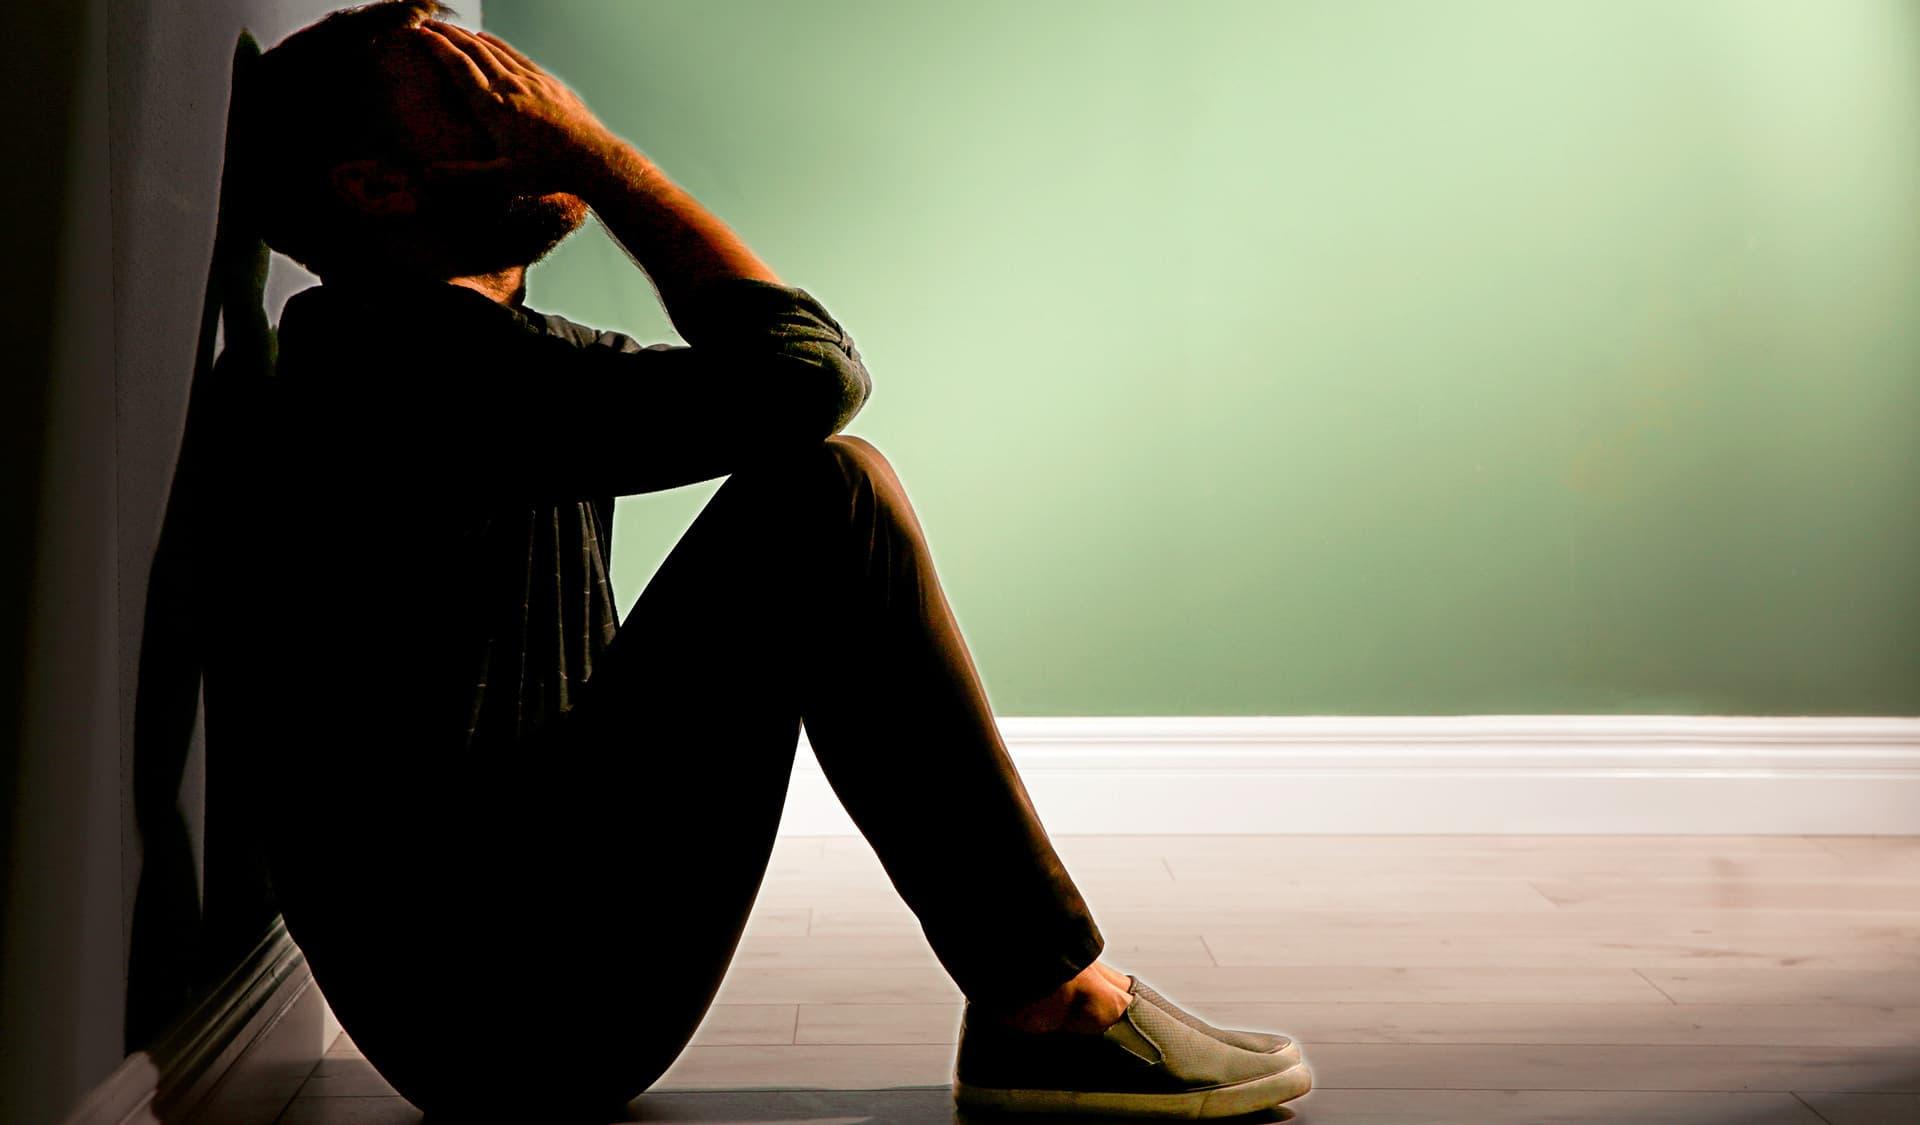 Ein Mann sitzt am Boden, die Beine angezogen und hält die Hände vor sein Gesicht.